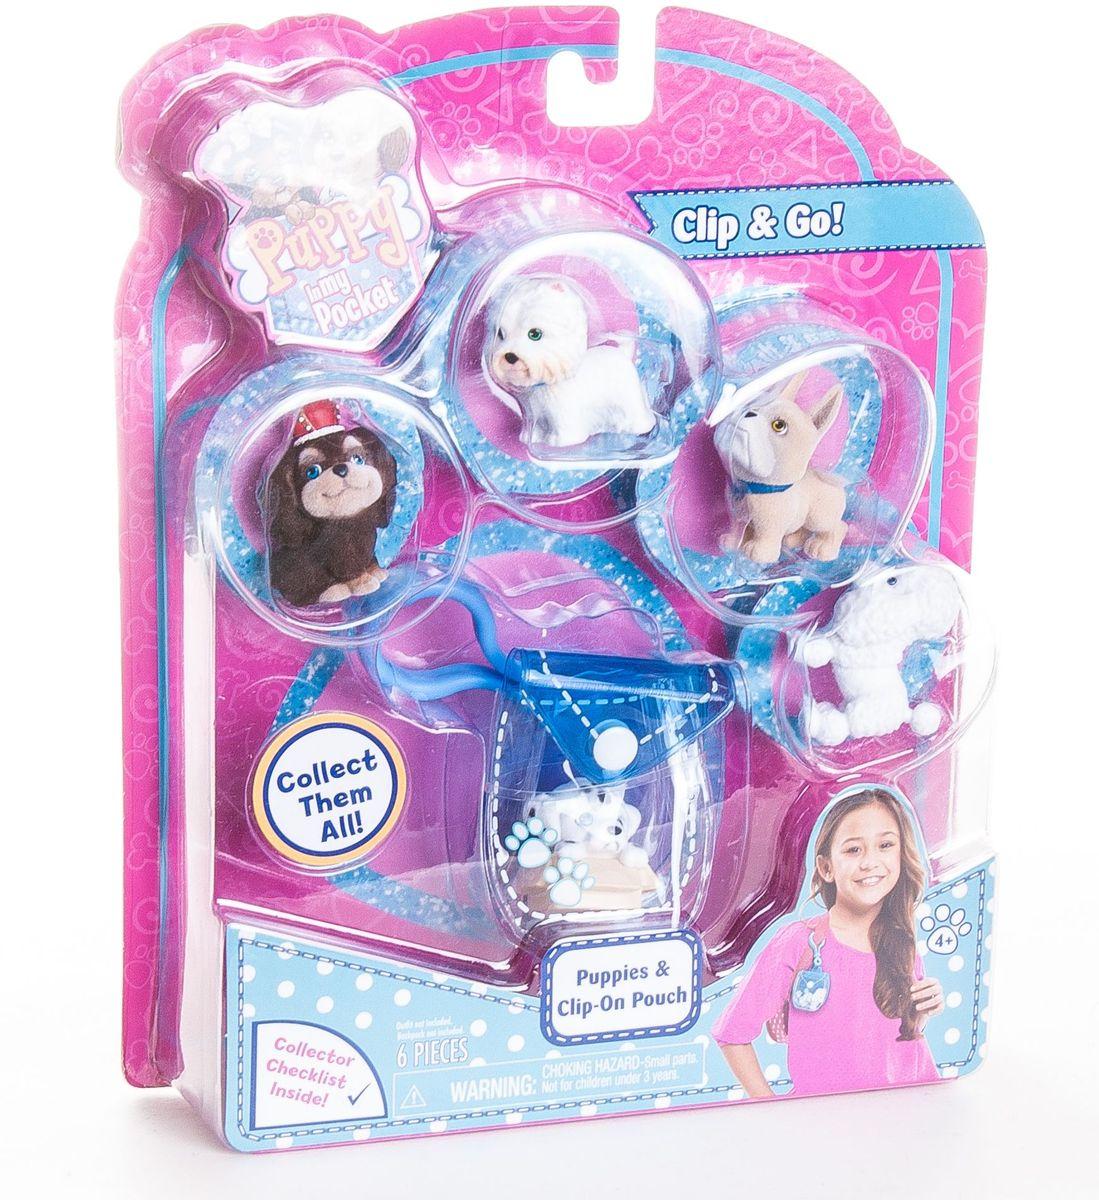 Puppy in my pocket Игрушка брелок-сумочка голубая с щенками48180-TГолубая мини-сумочка на креплении карабин, закрывается на кнопку + 5 флокированных фигурок щенков